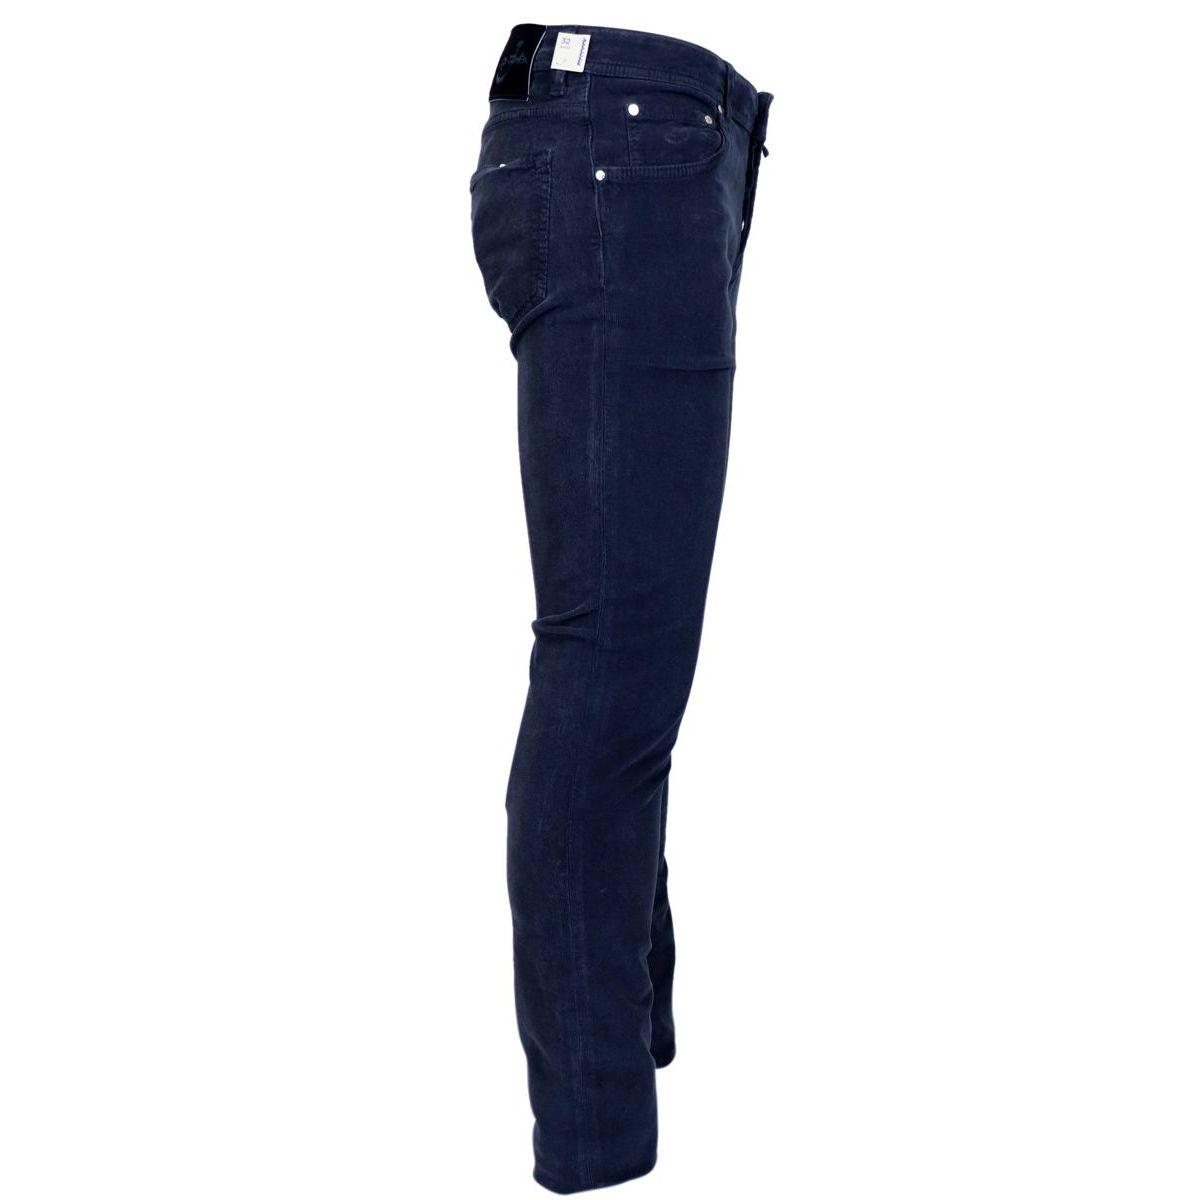 5 pocket trousers in small velvet line Blue Jacob Cohen